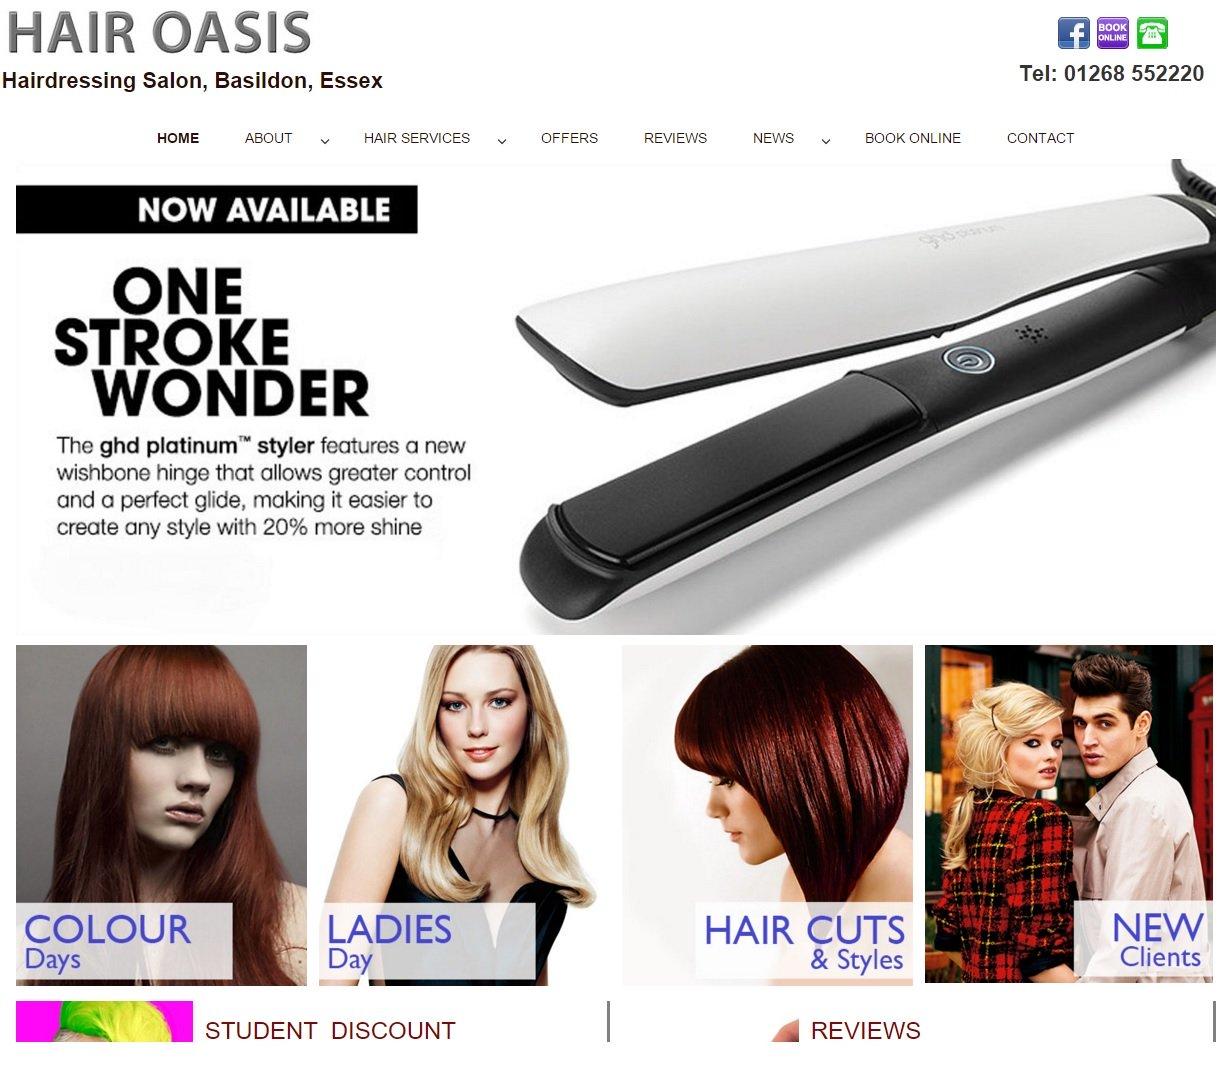 Expert Hair Cuts Amp Hair Styles Basildon Hair Salon Essex